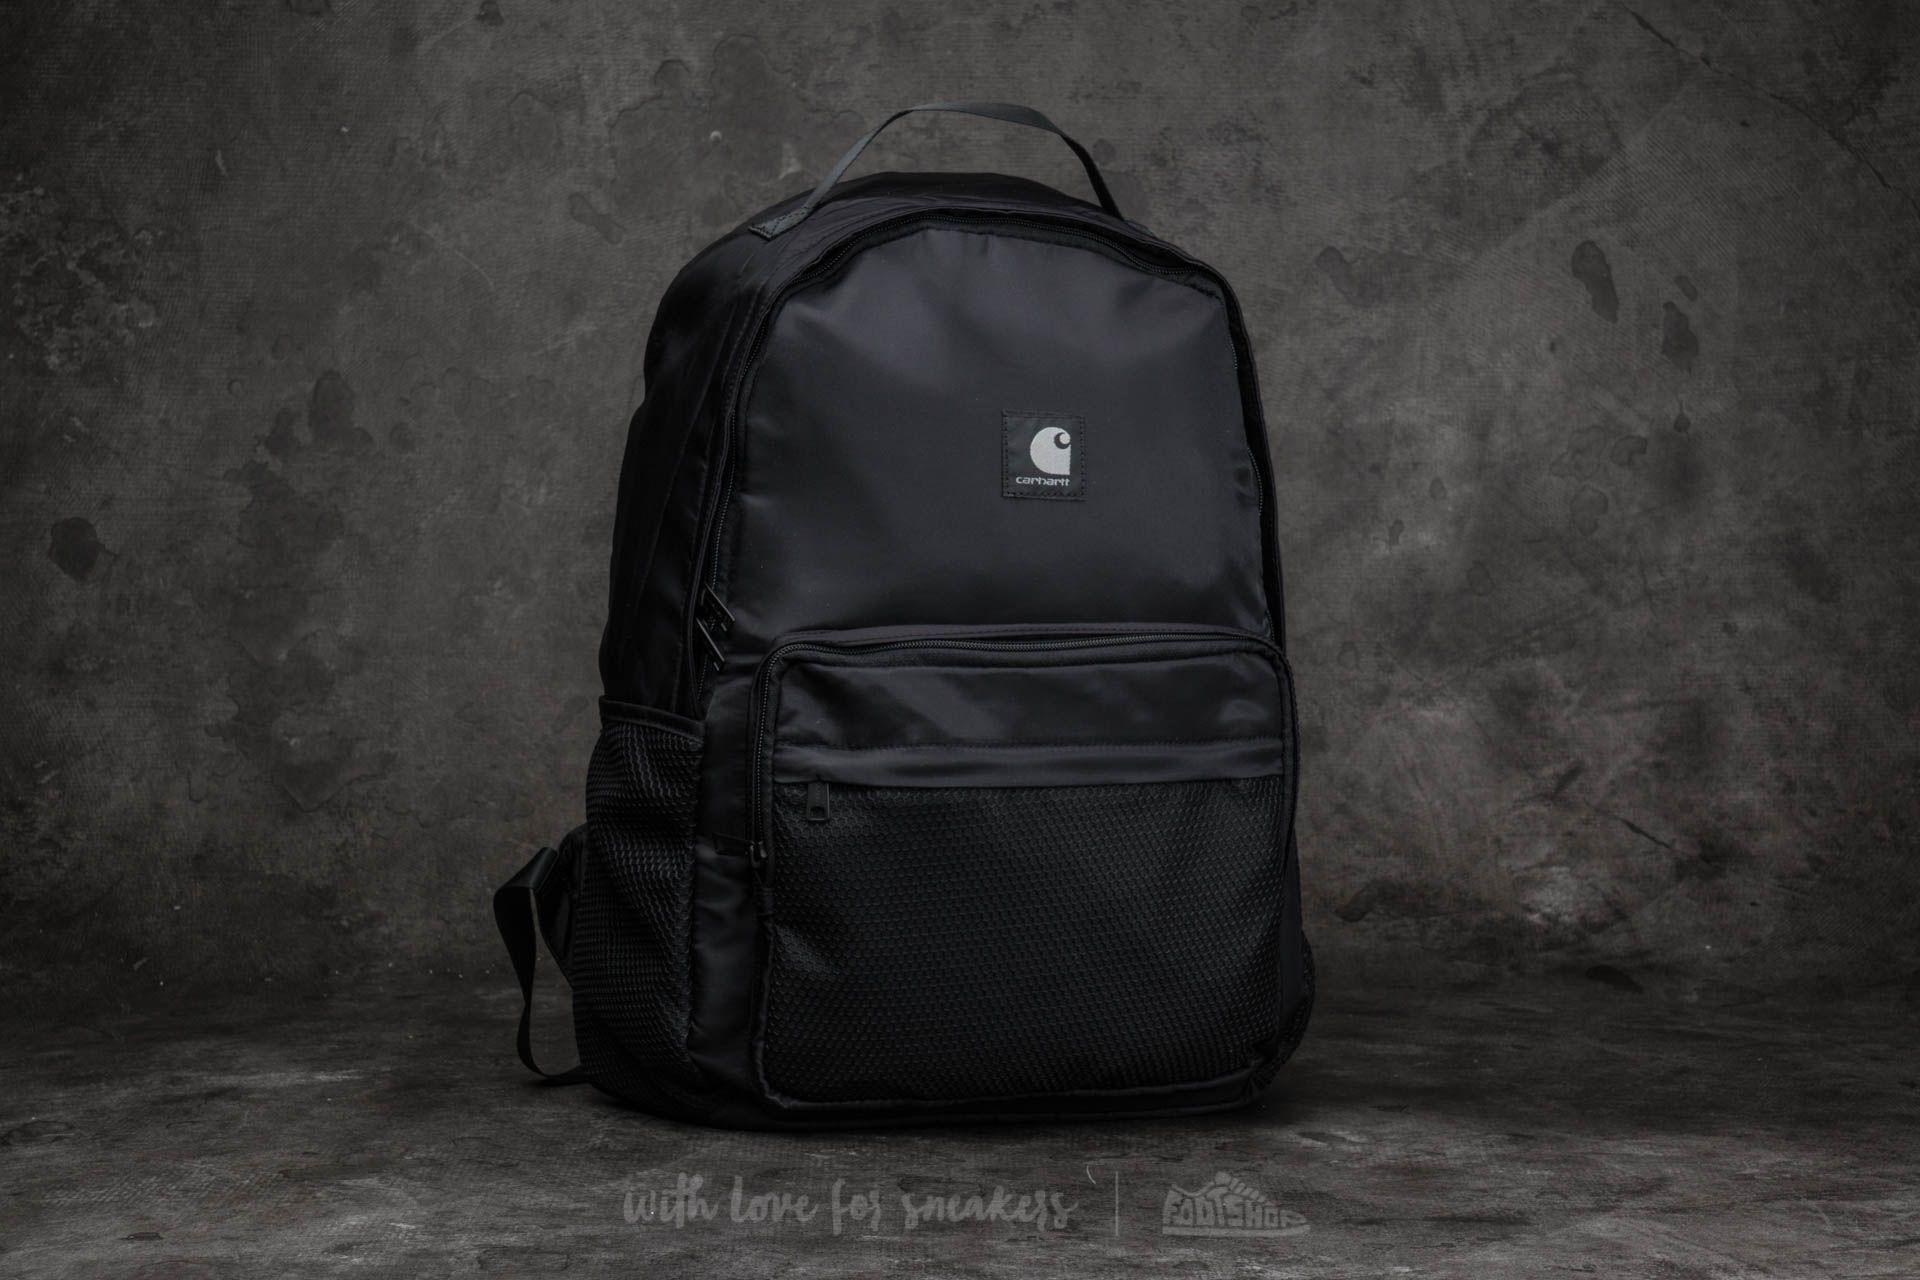 Carhartt WIP Chambers Backpack Black